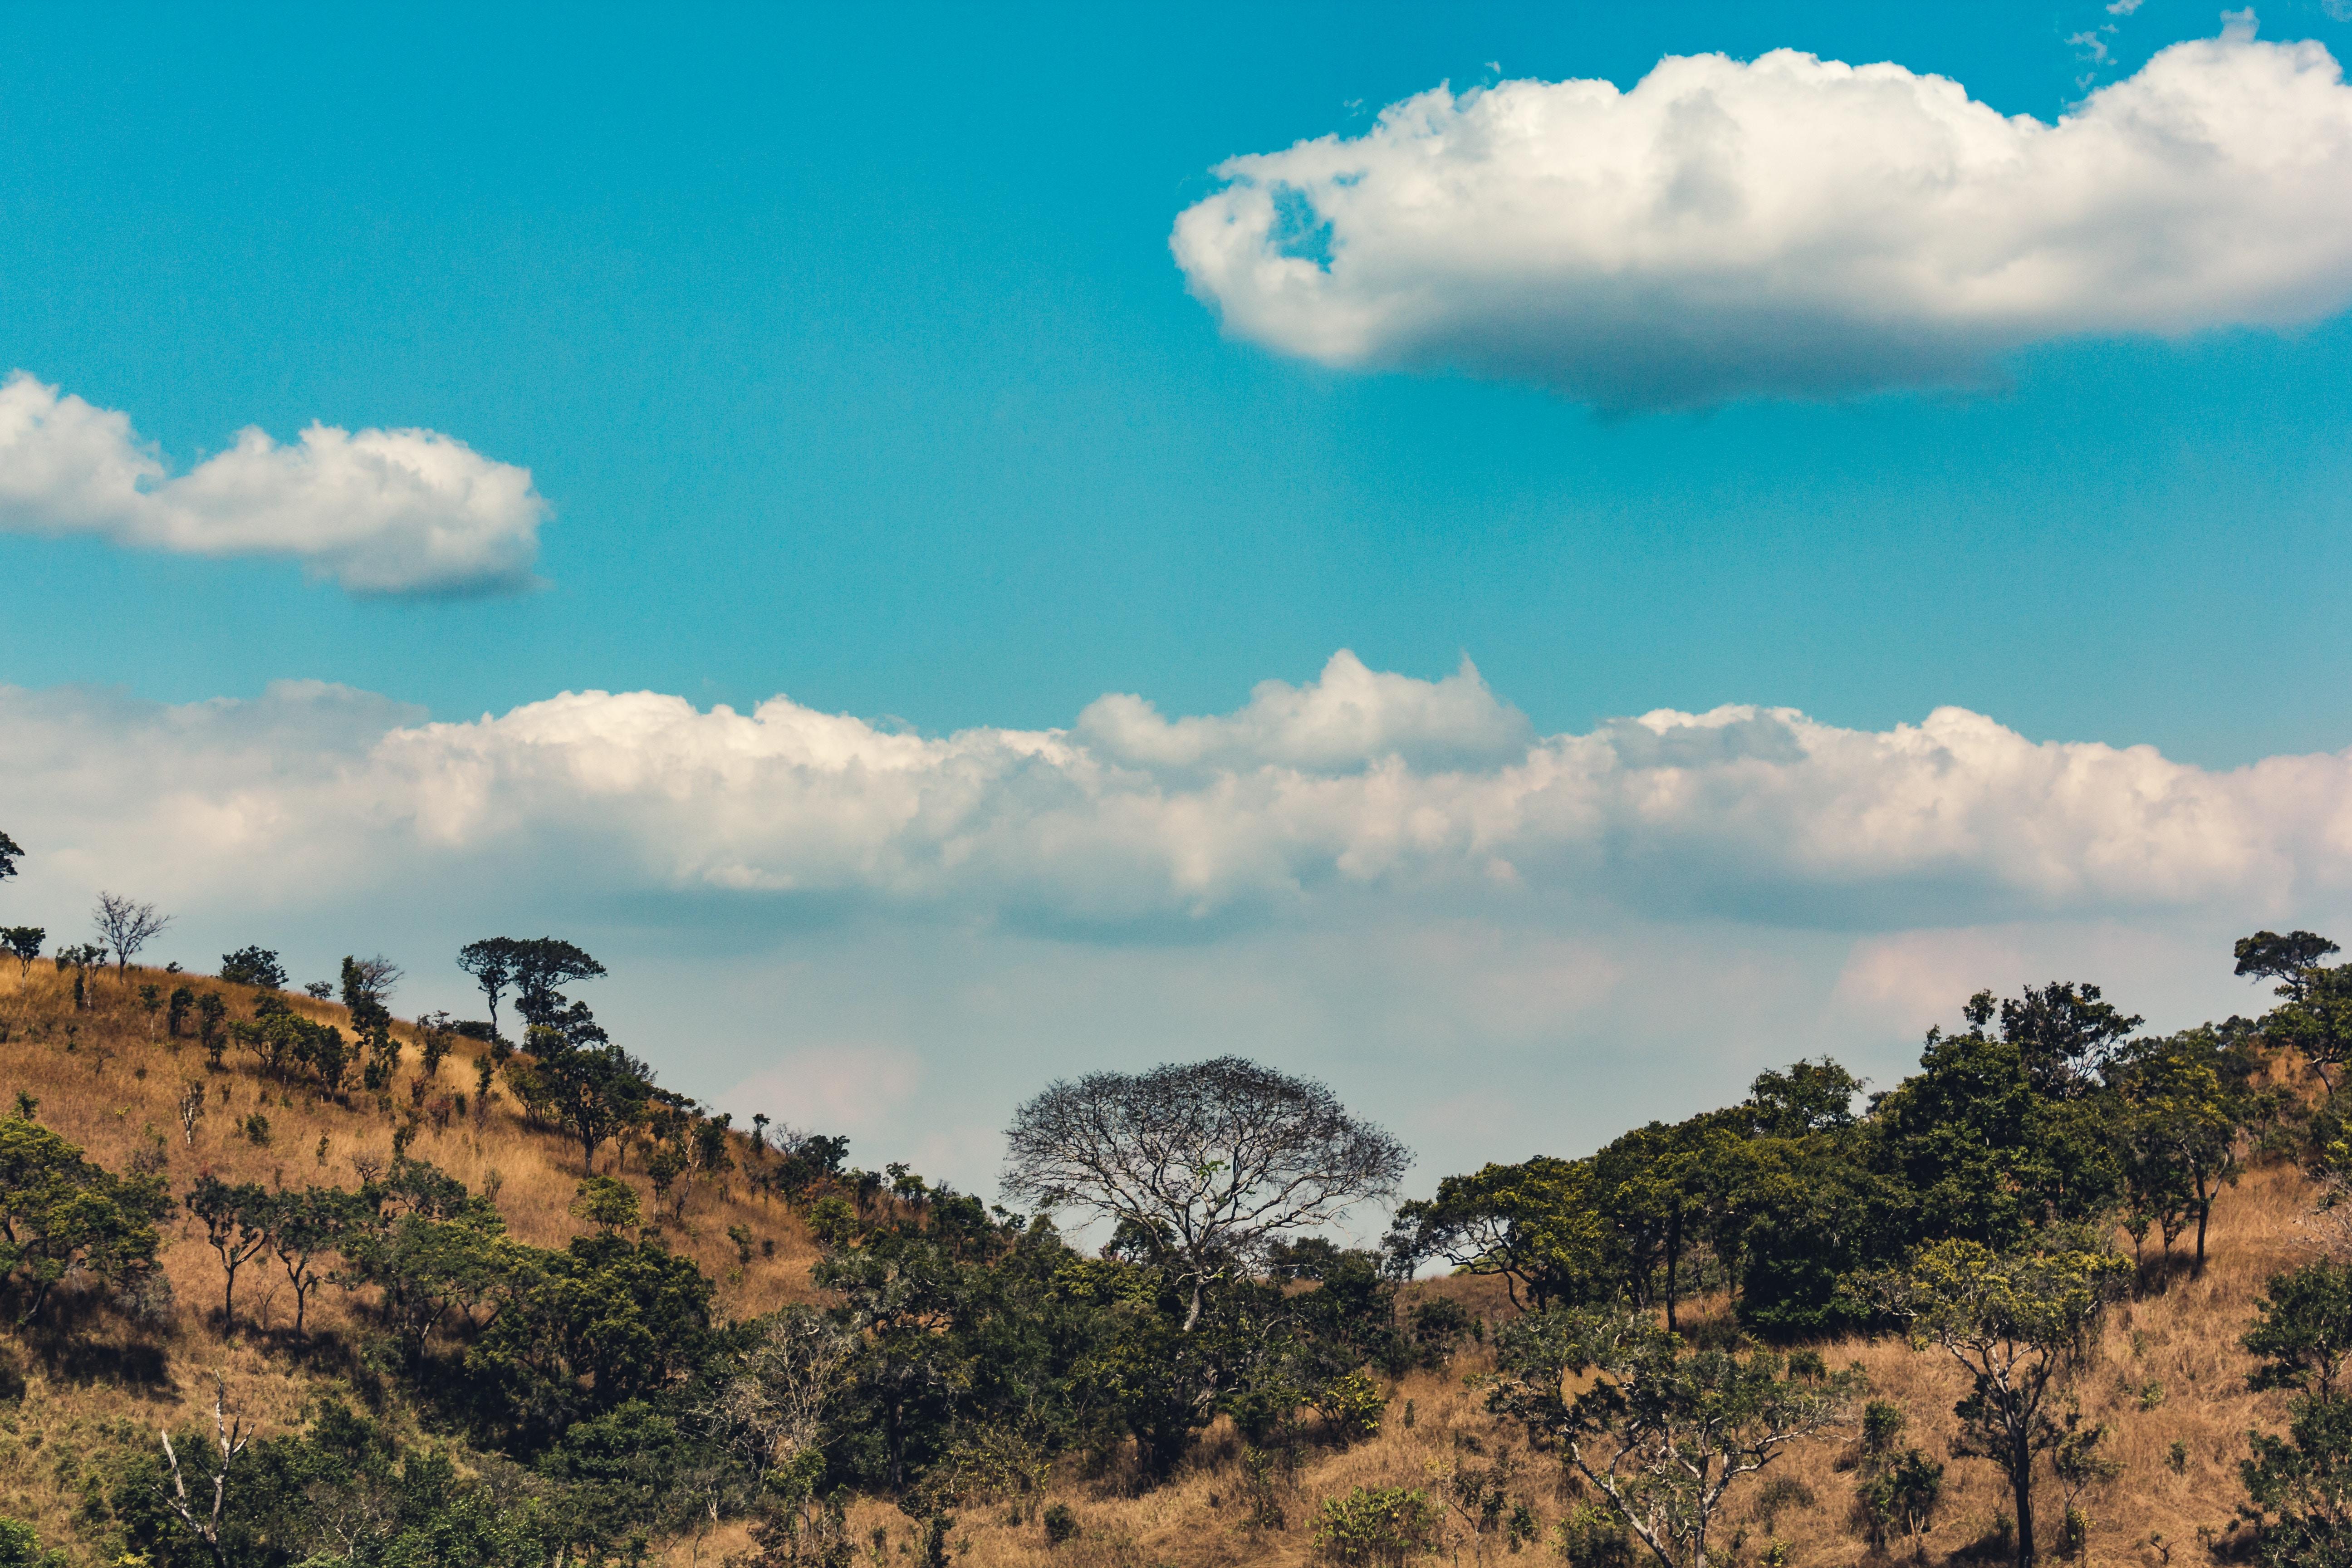 55029 скачать обои Природа, Африка, Возвышенности, Деревья, Облака - заставки и картинки бесплатно